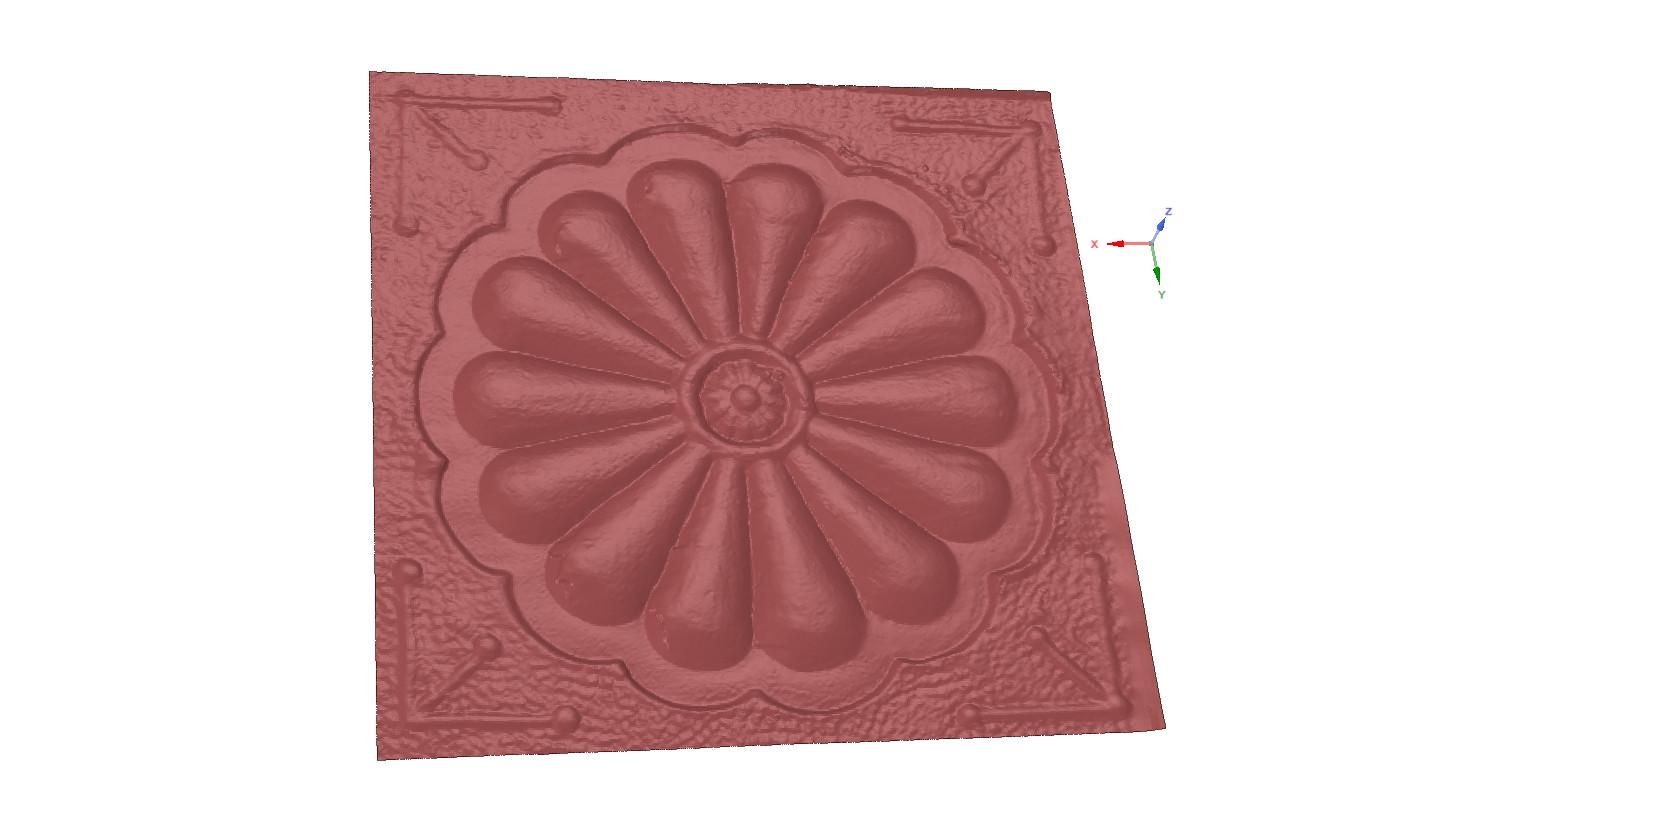 Rosette 2.jpg